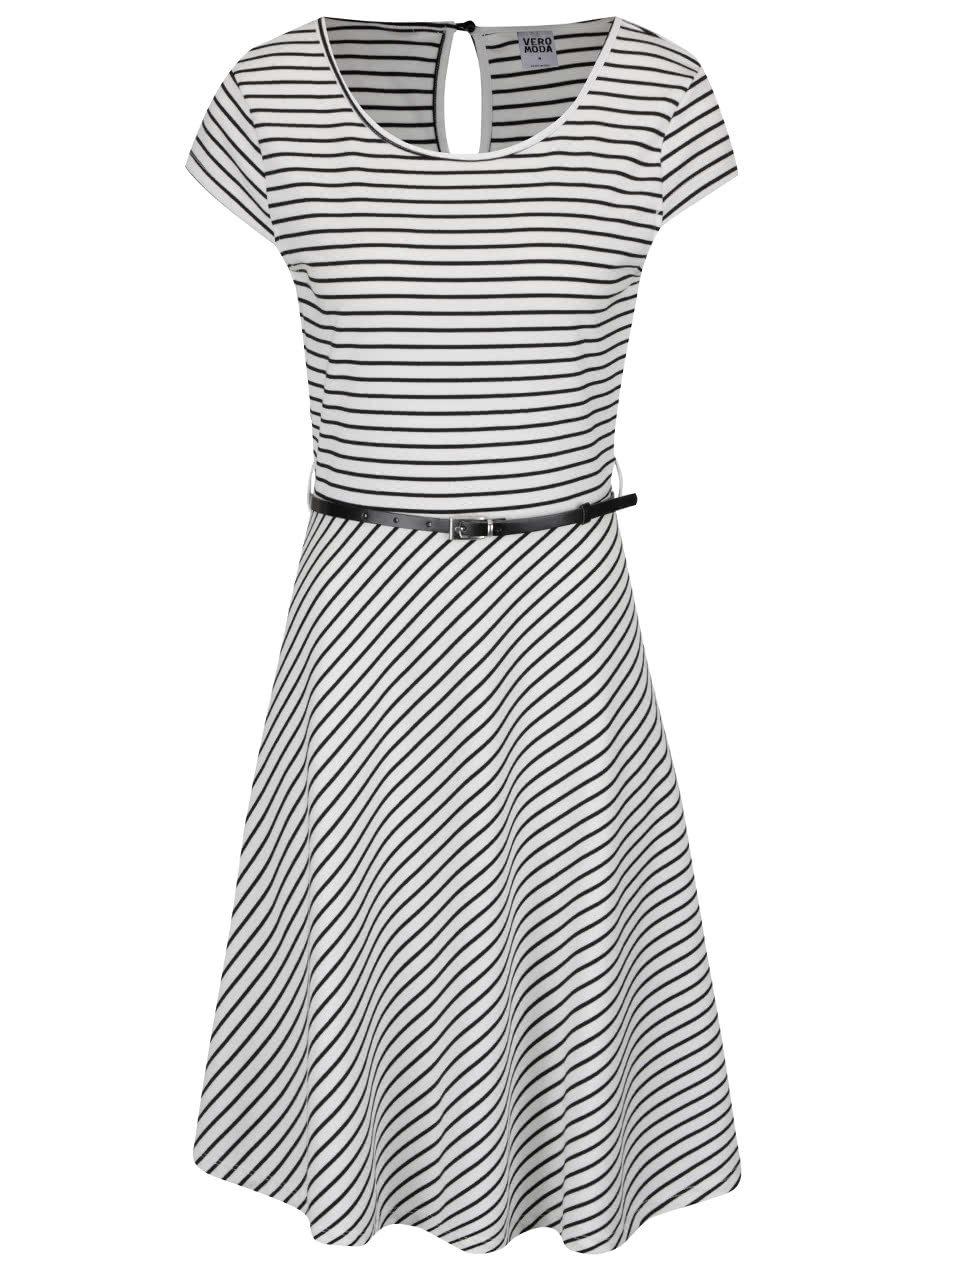 3b1e66c087 Čierno-biele pruhované šaty s opaskom VERO MODA Vigga ...